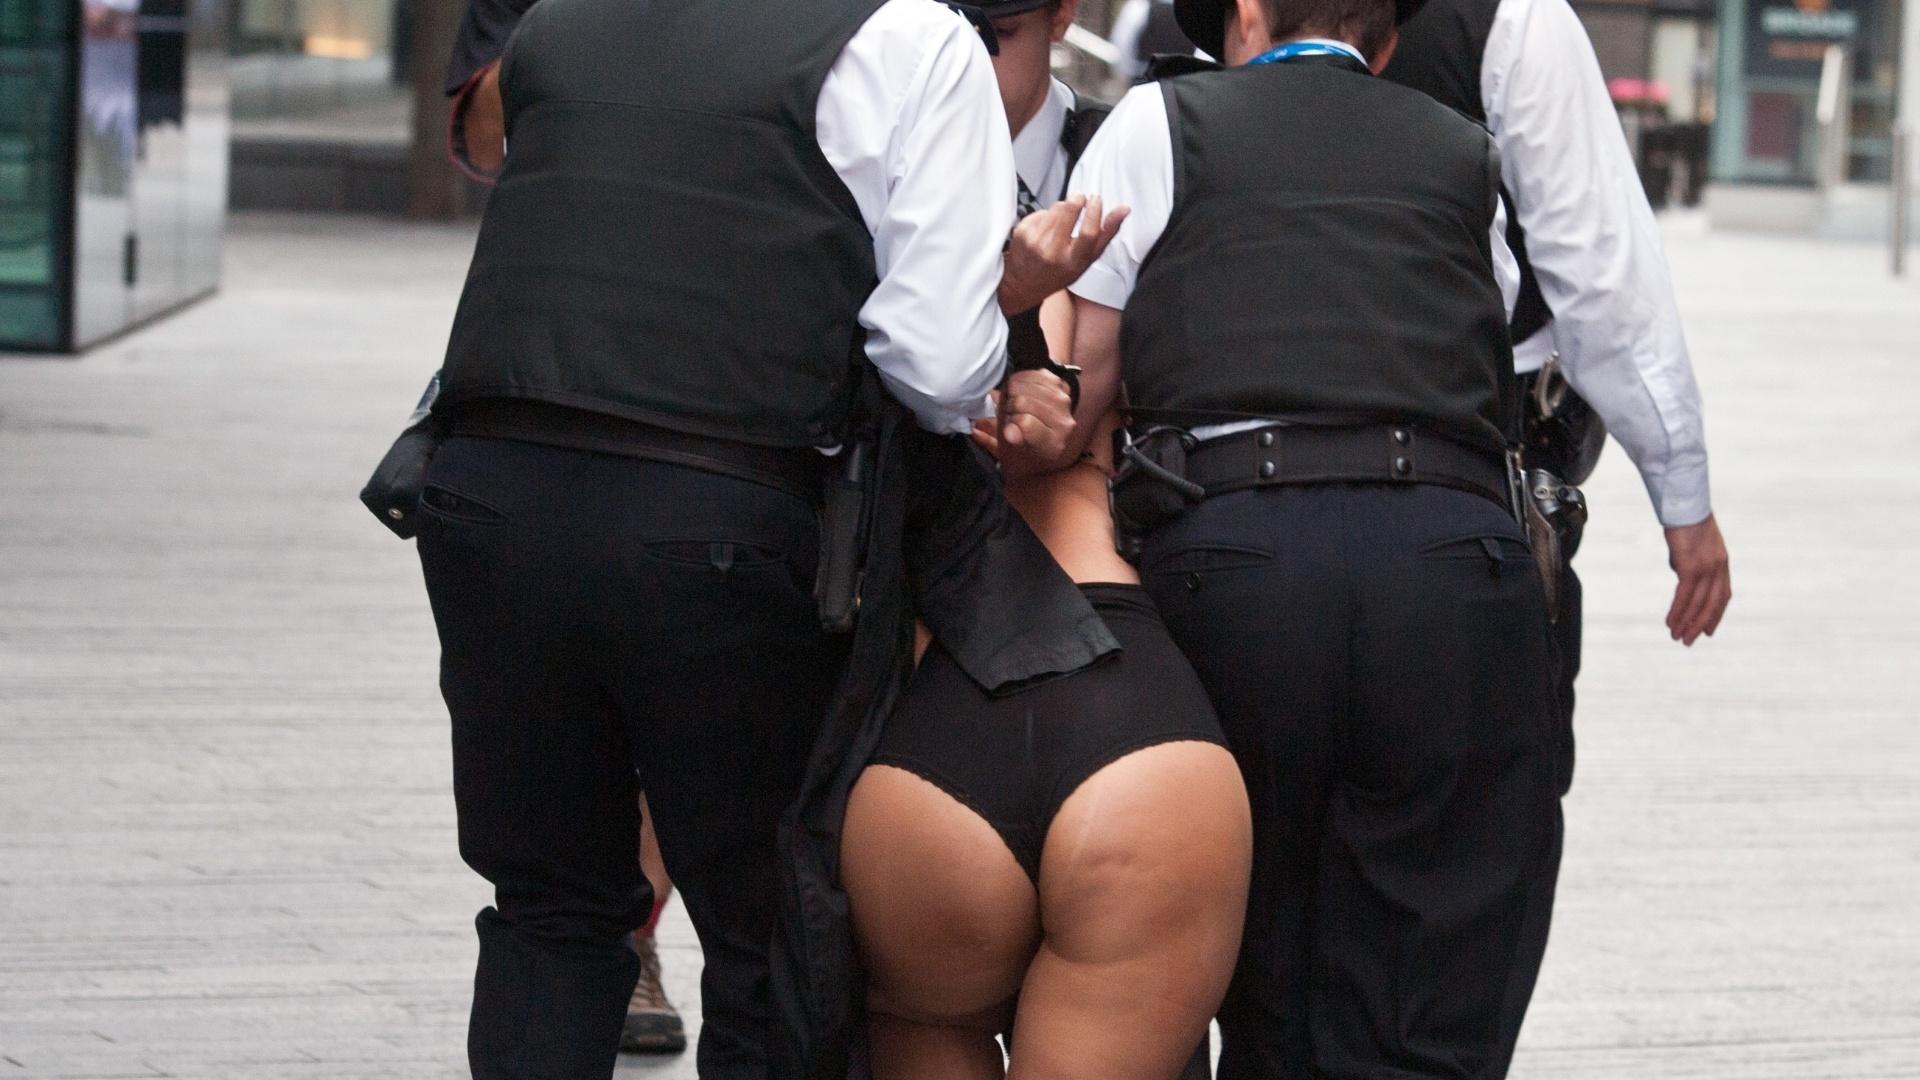 Русские проститутки в мусульманских странах 19 фотография